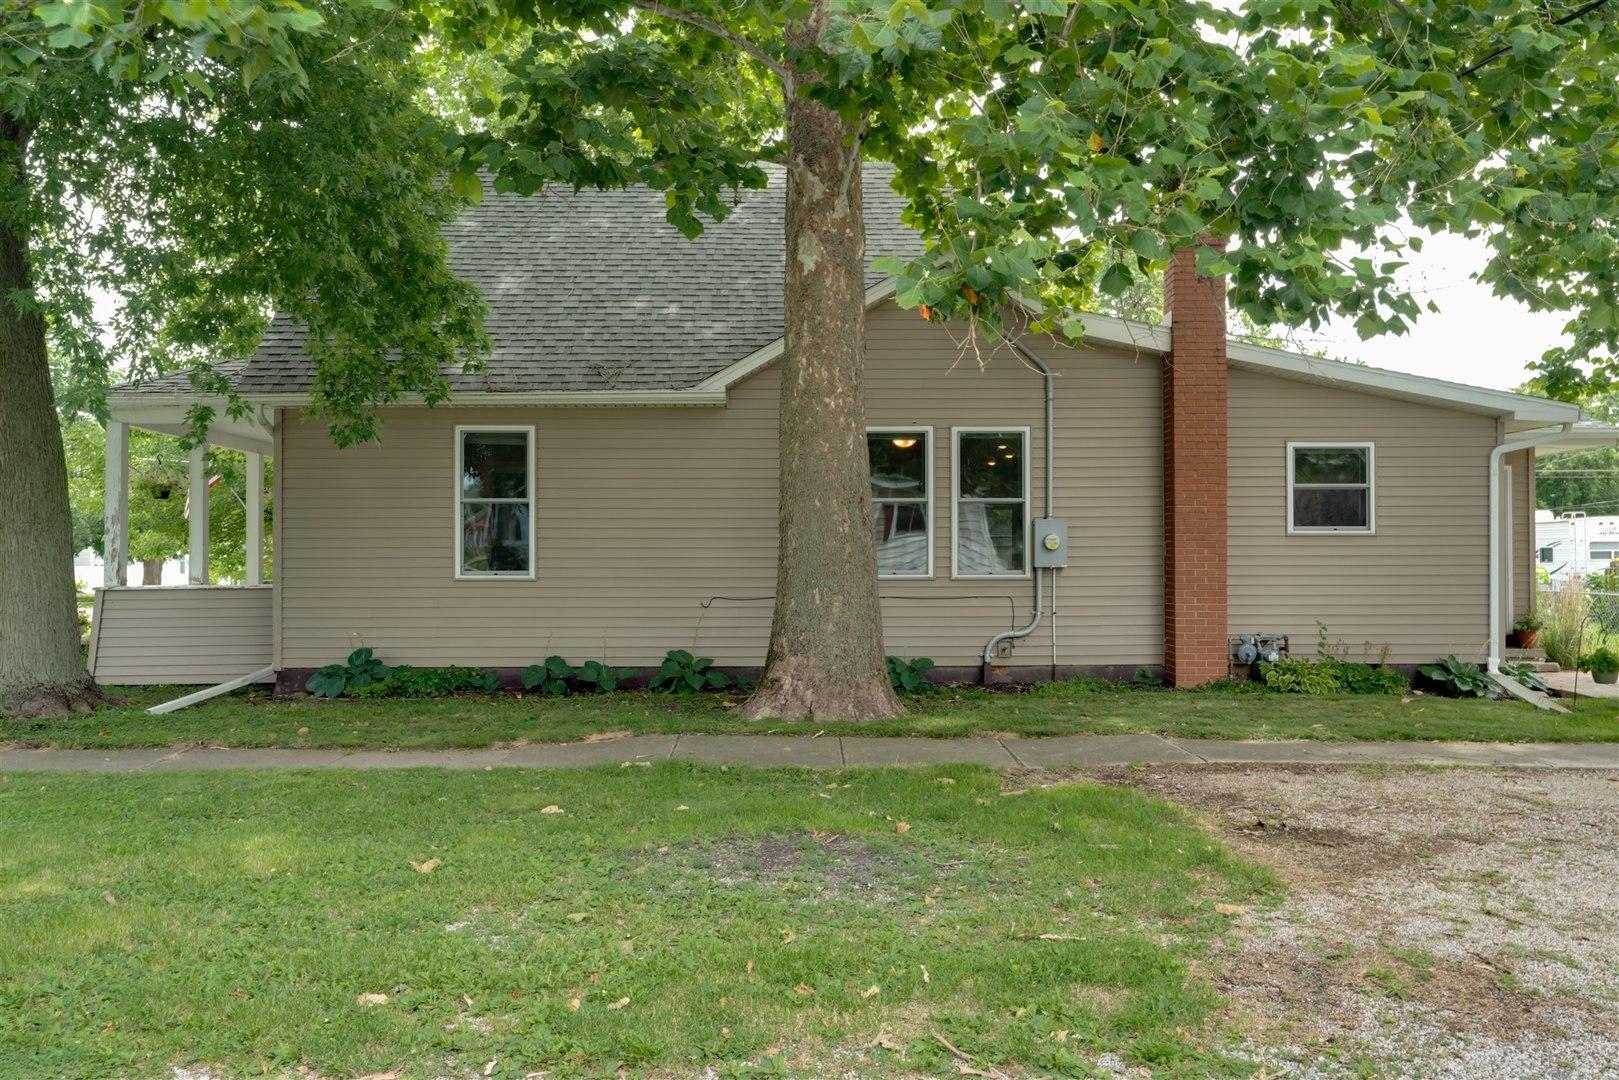 302 Chestnut ,Lexington, Illinois 61753